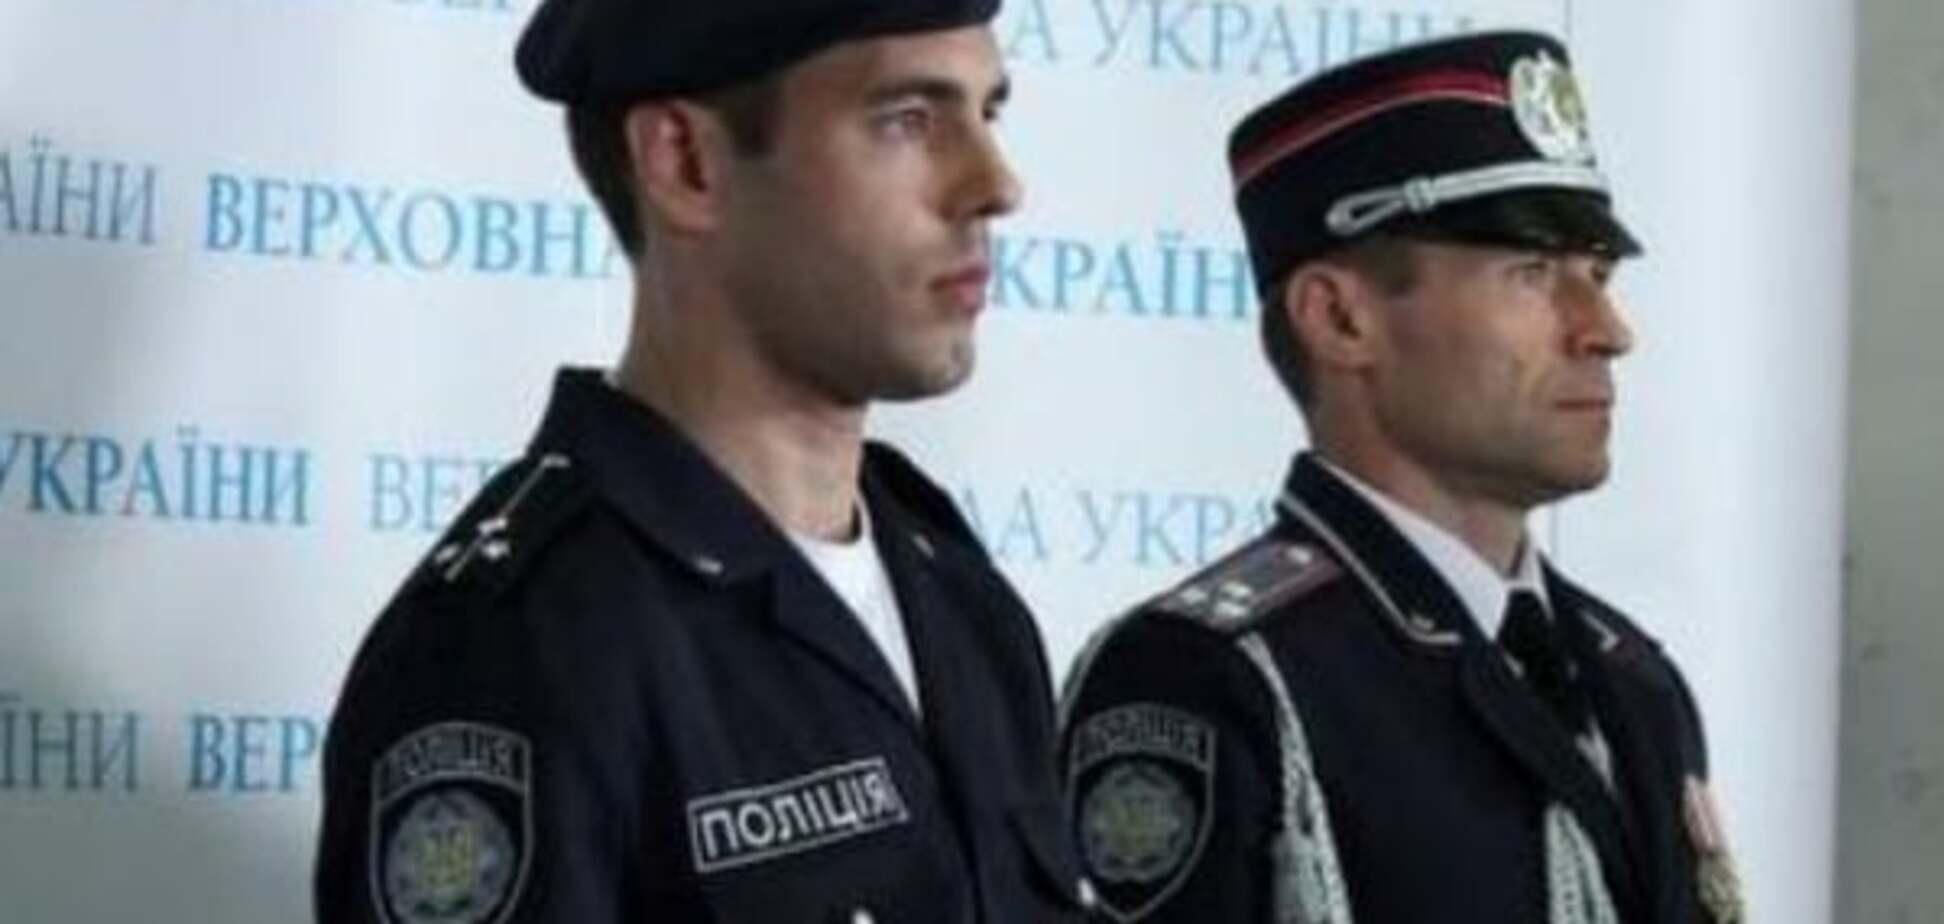 Загроза терактів: поліція Донеччини отримала наказ про бойову готовність